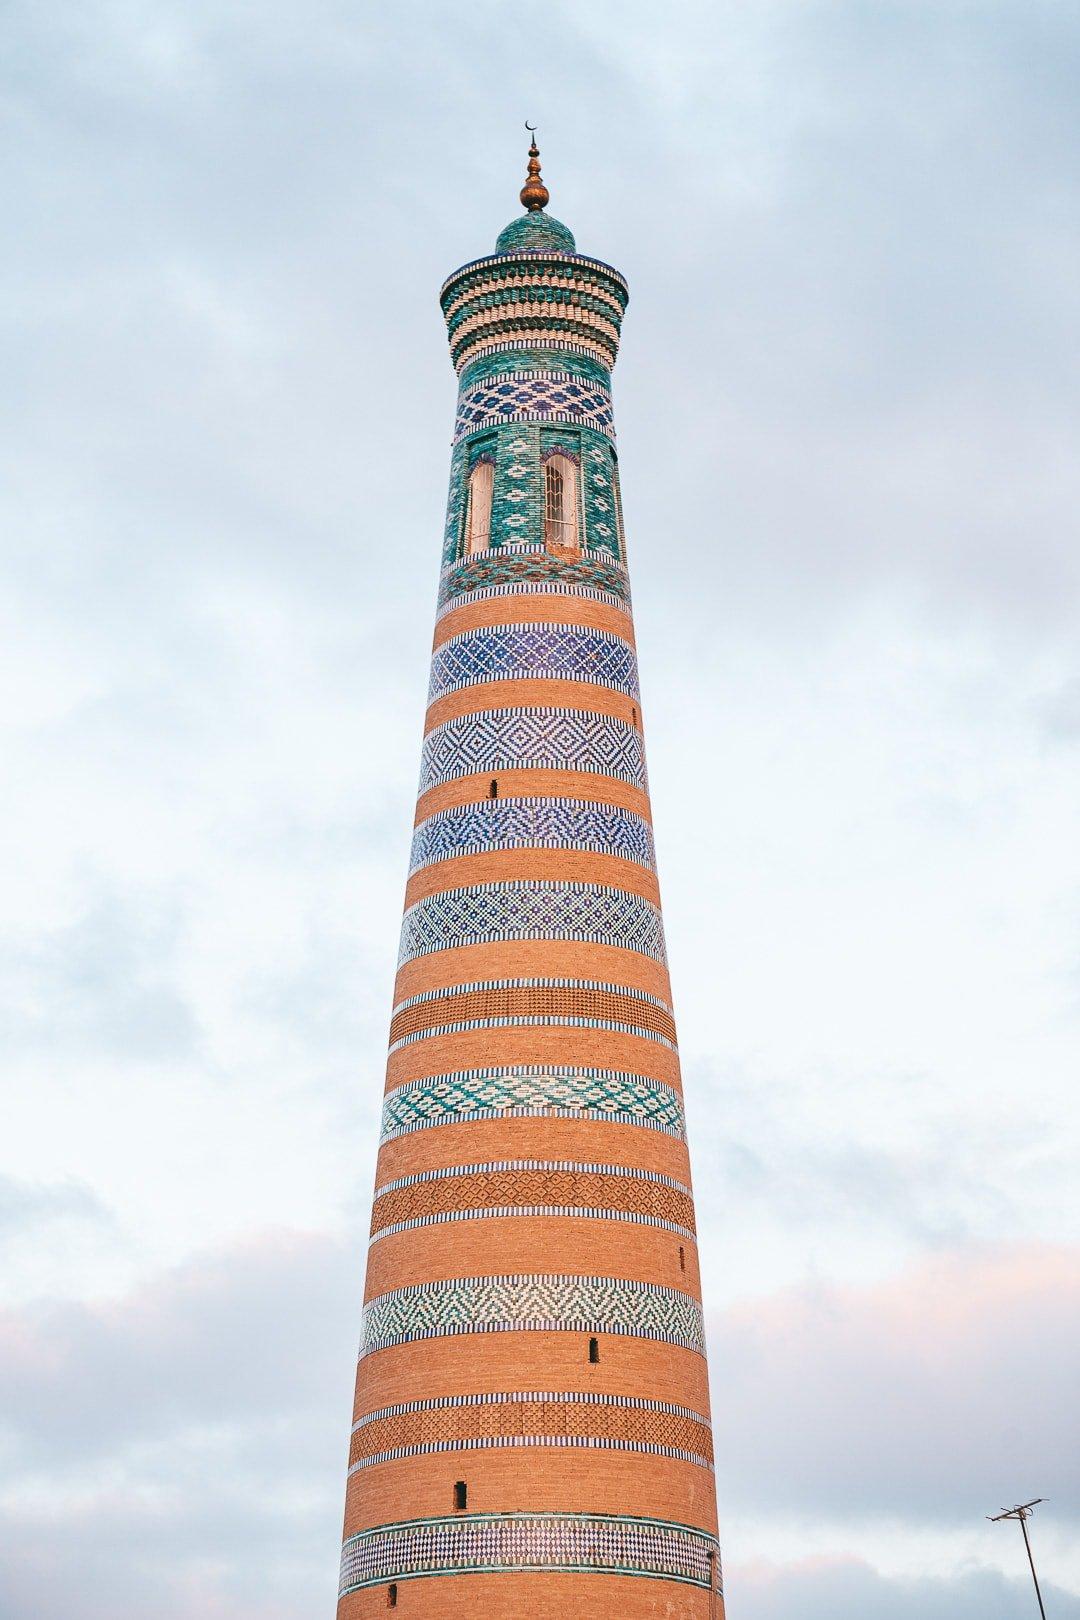 Islam Khodja minaret Khiva, Uzbekistan